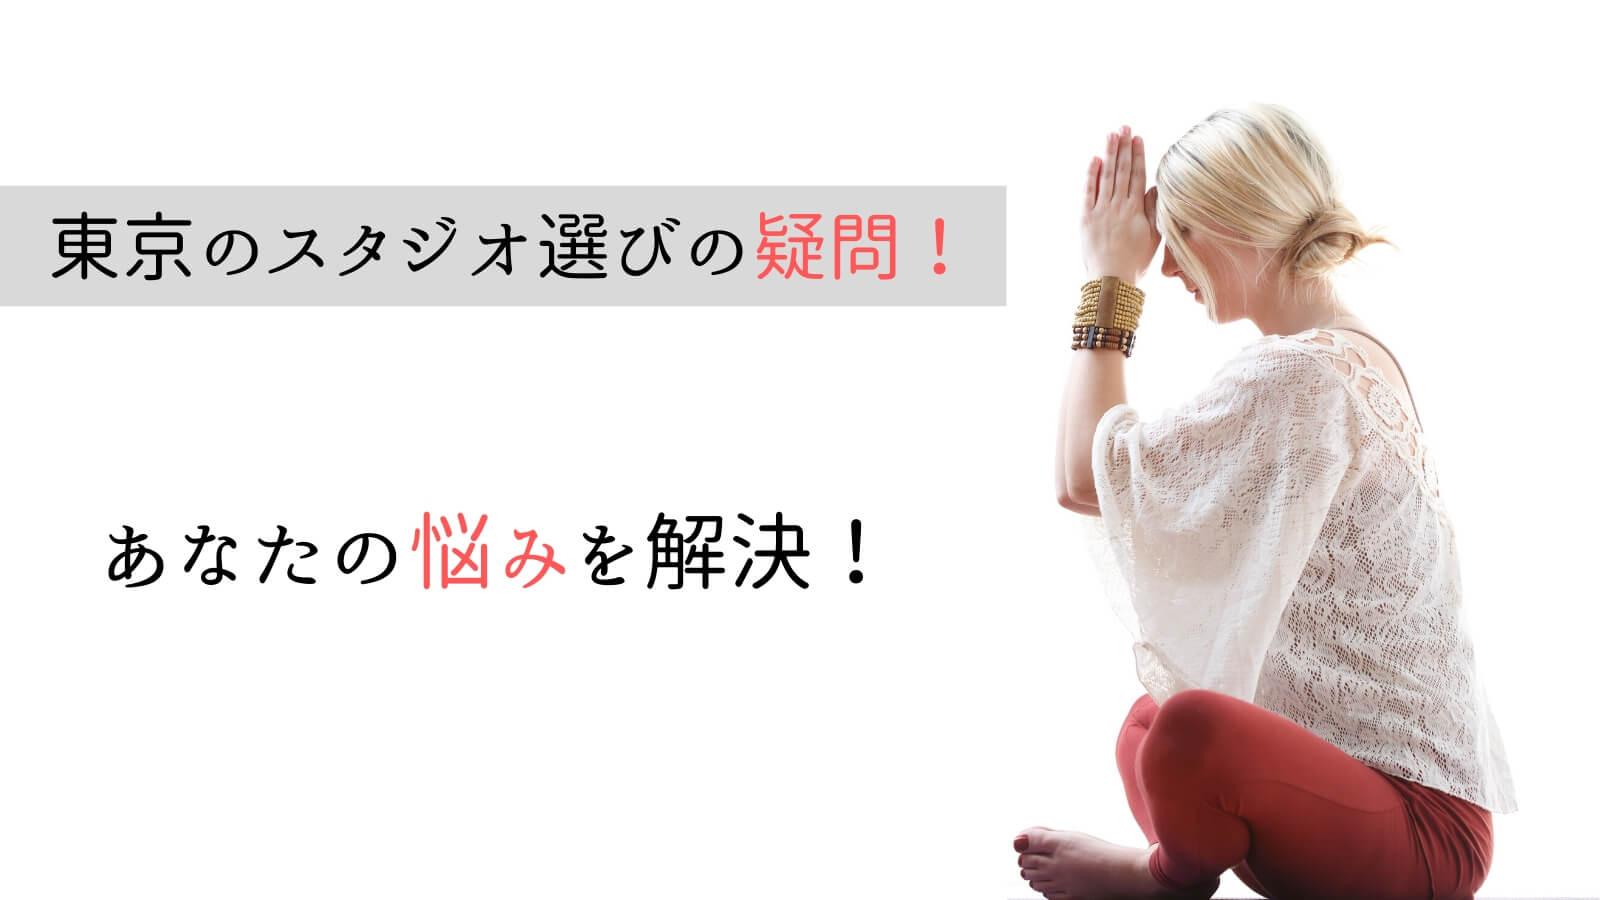 東京都内でのピラティススタジオ選びに関するQ&A